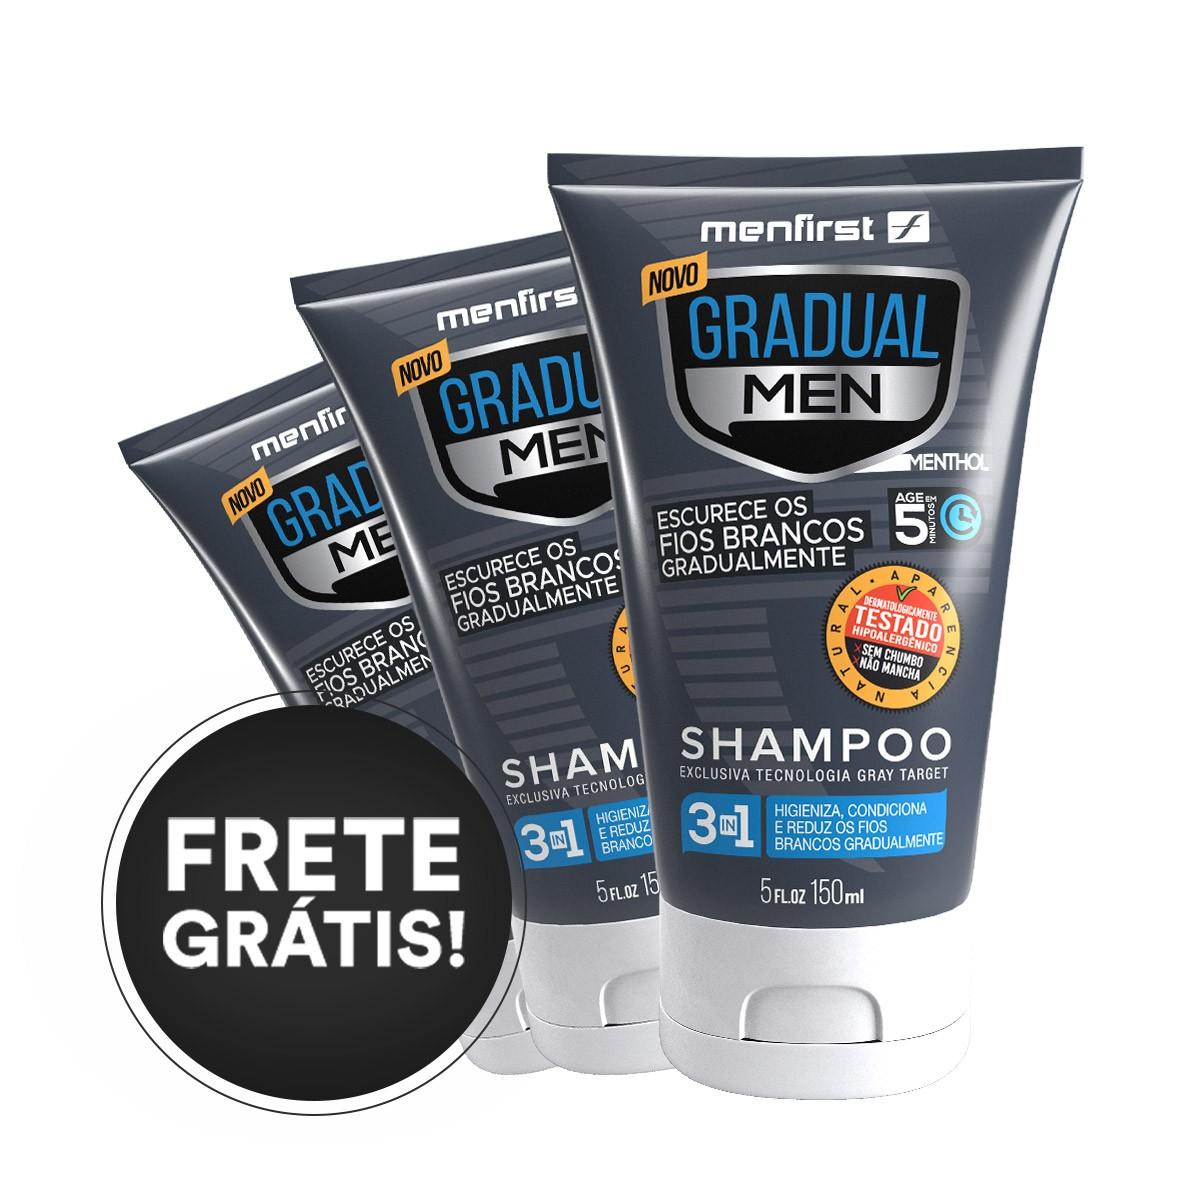 Shampoo Menfirst Gradual Men Cabelo (3x) - Escurecedor de cabelo branco